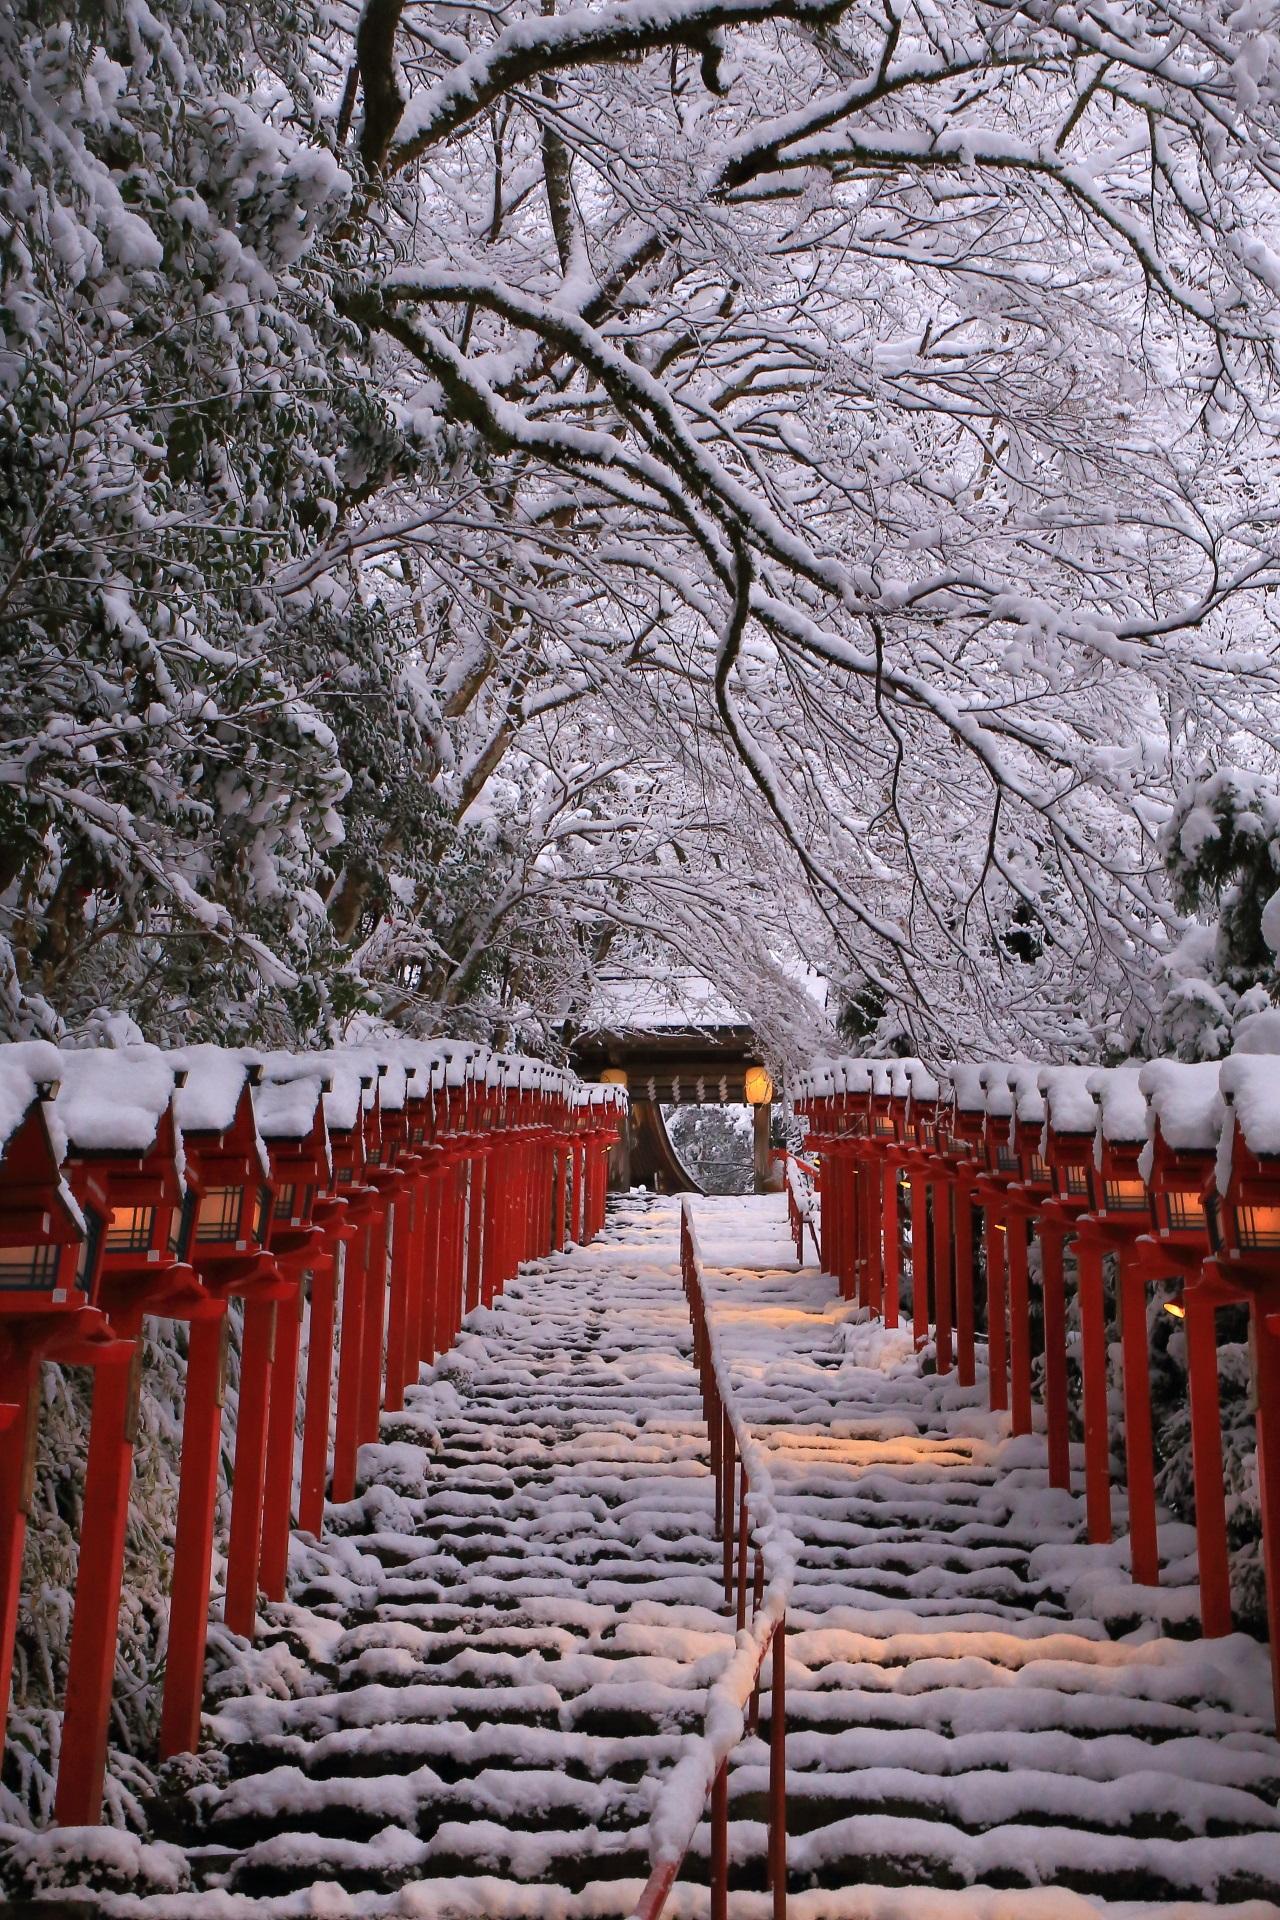 貴船神社 雪 高画質 画像